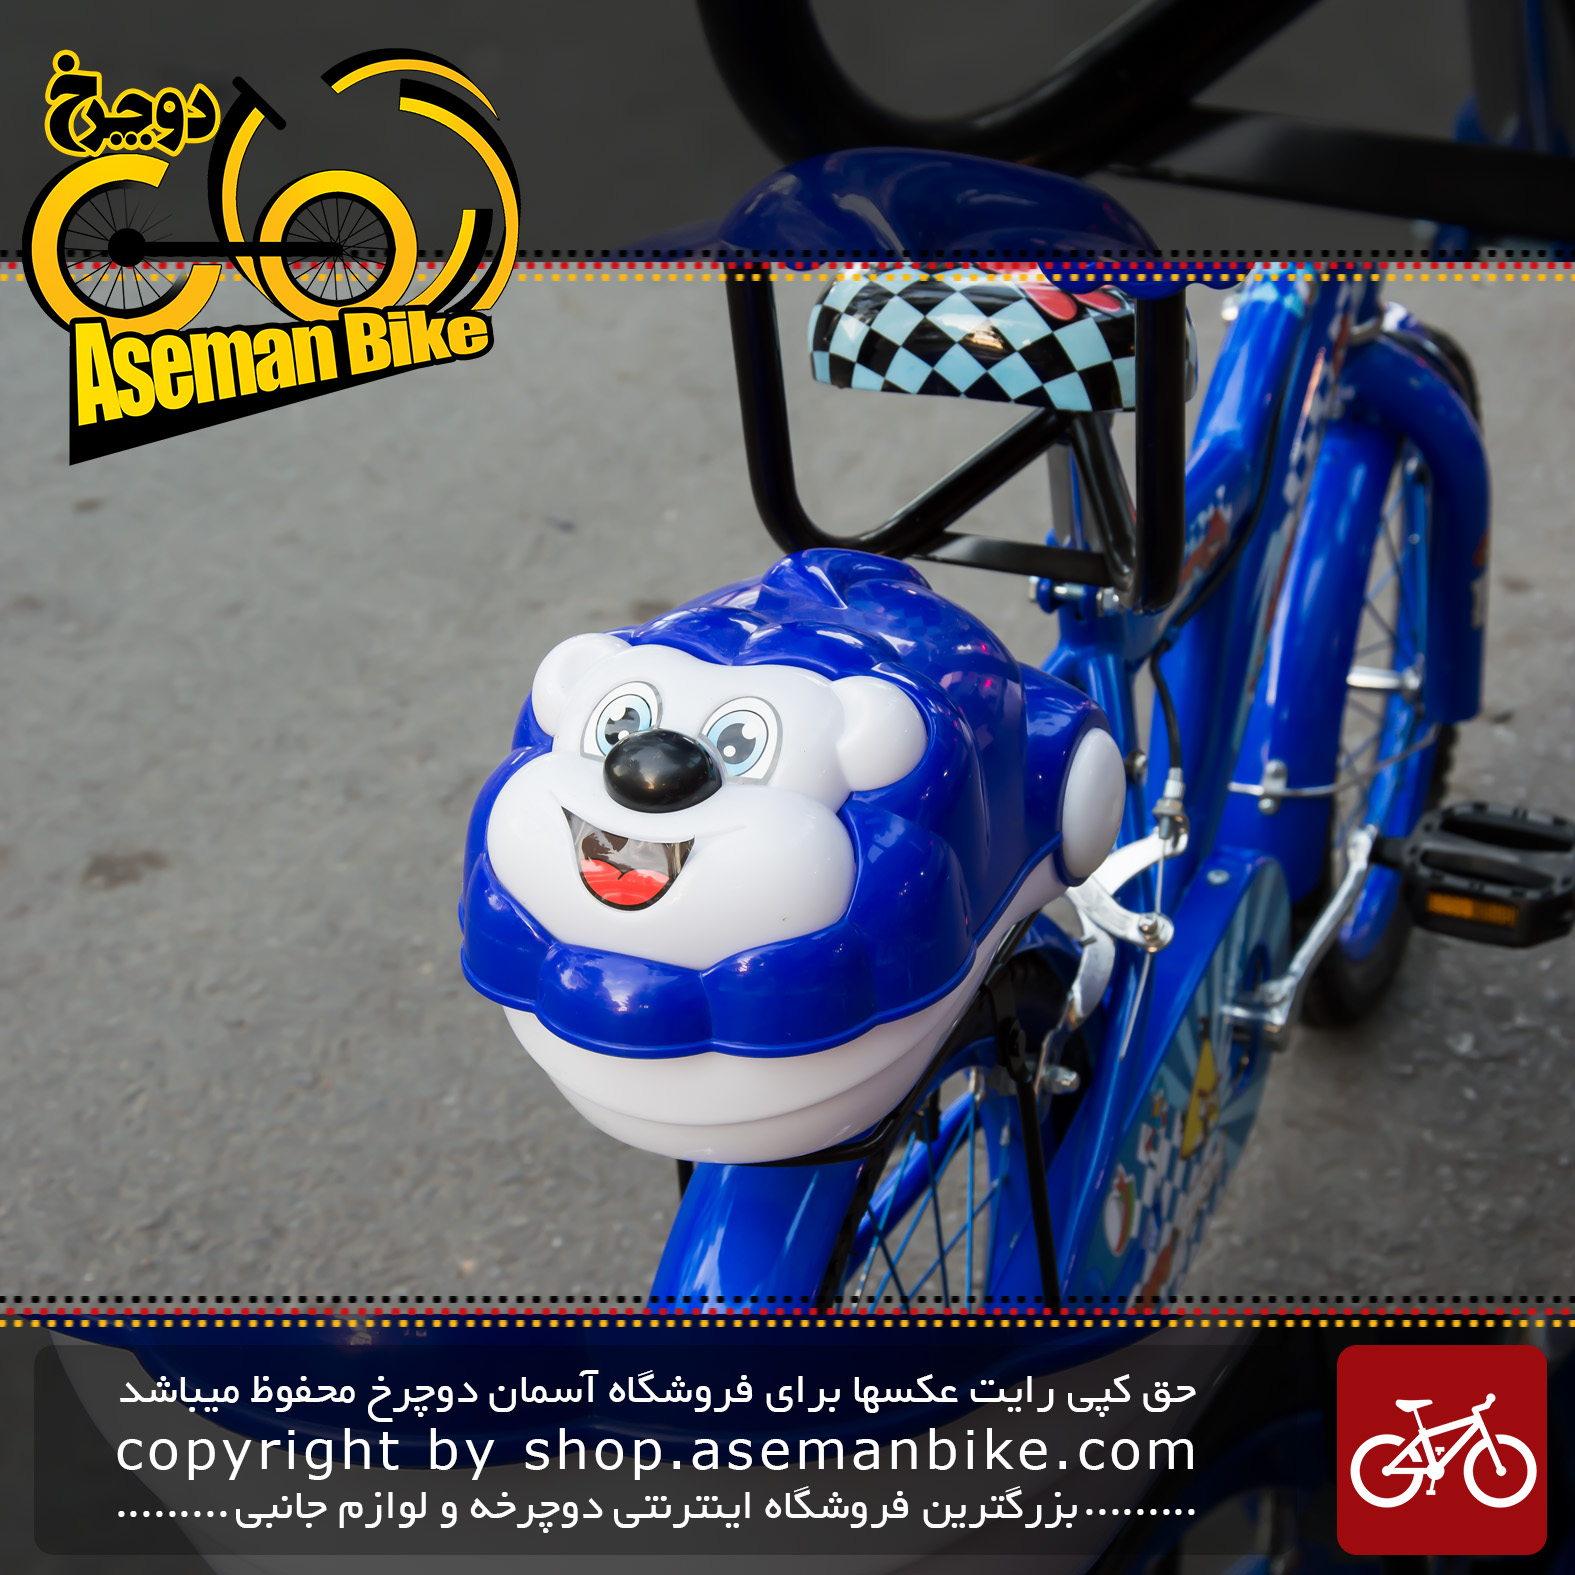 دوچرخه کودک و بچگانه شهري انگری برد مدل لیون آبی سايز 16 Angry Brids City Bicycle Lion 16